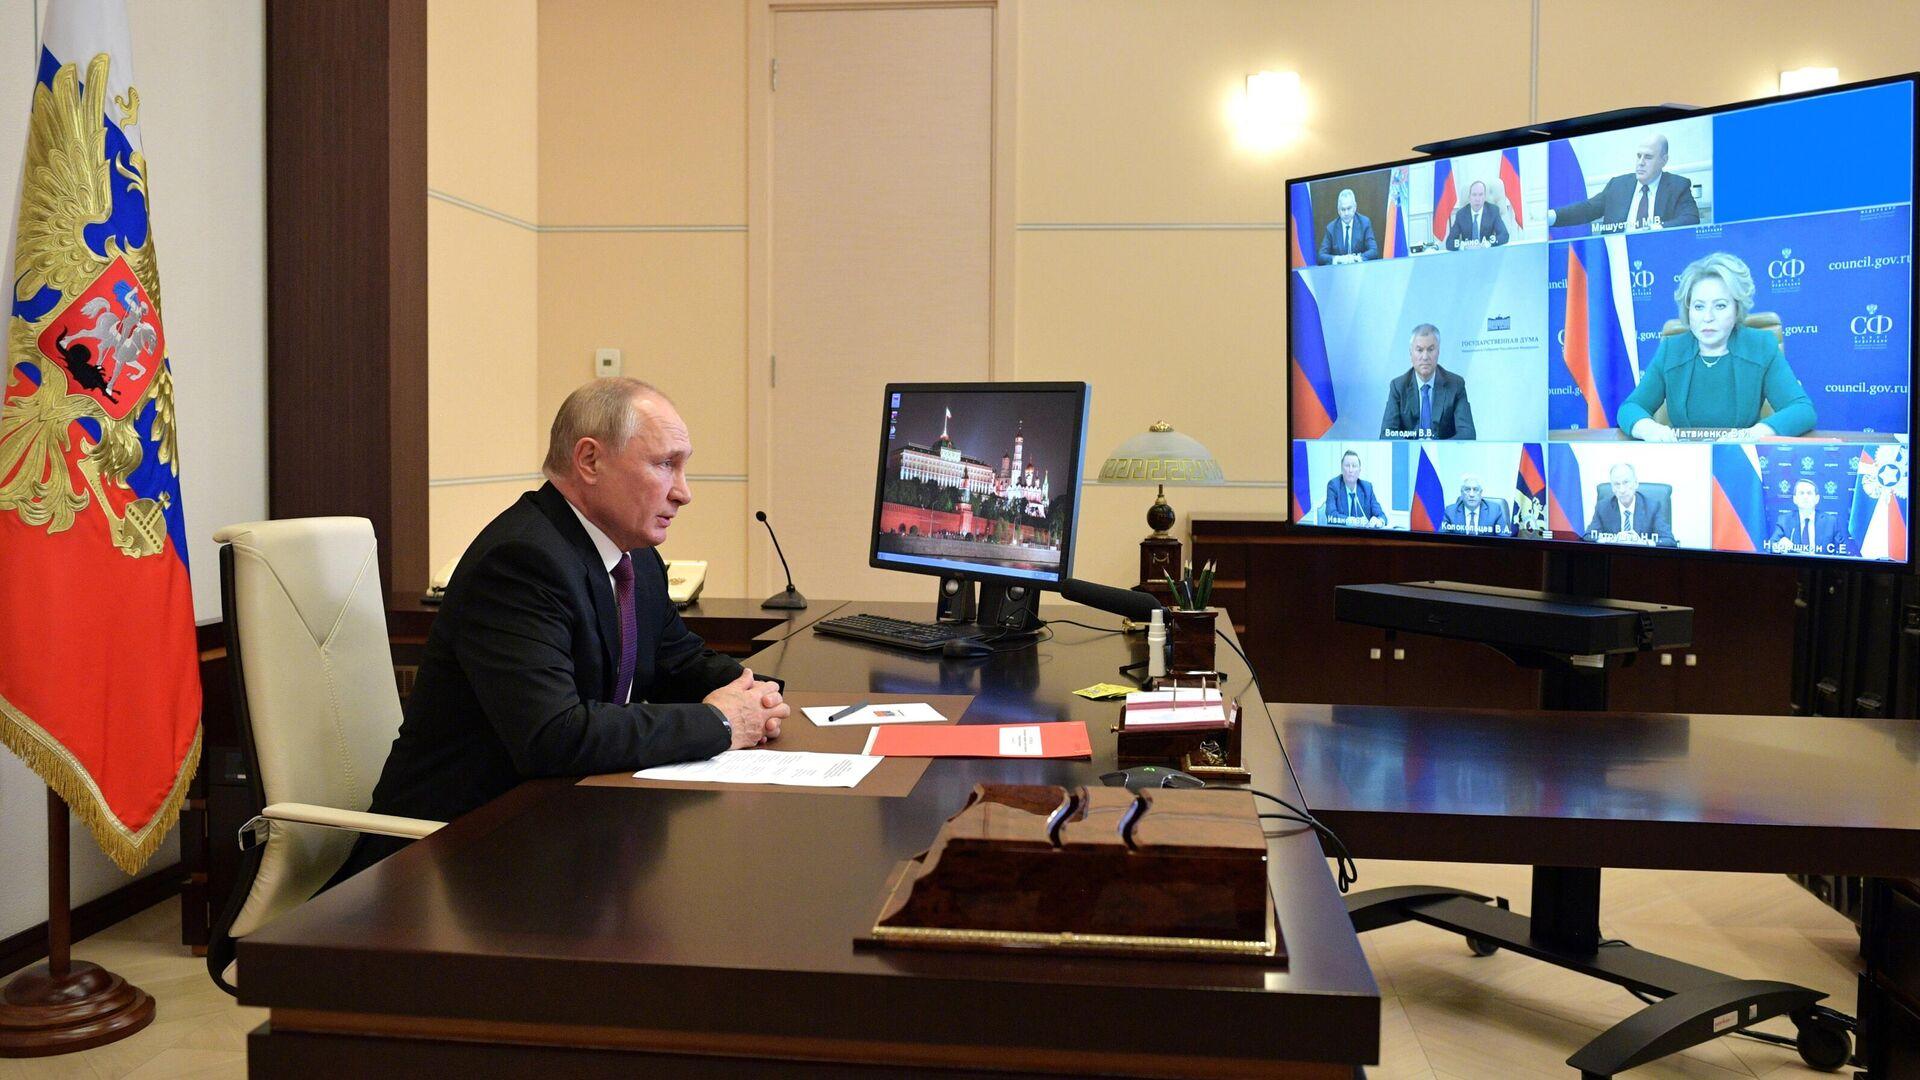 1751637563 0:128:3185:1920 1920x0 80 0 0 da989ff20d5a6cba027eac380d4231f5 - Путин: значительная часть резервного фонда уже находится в работе